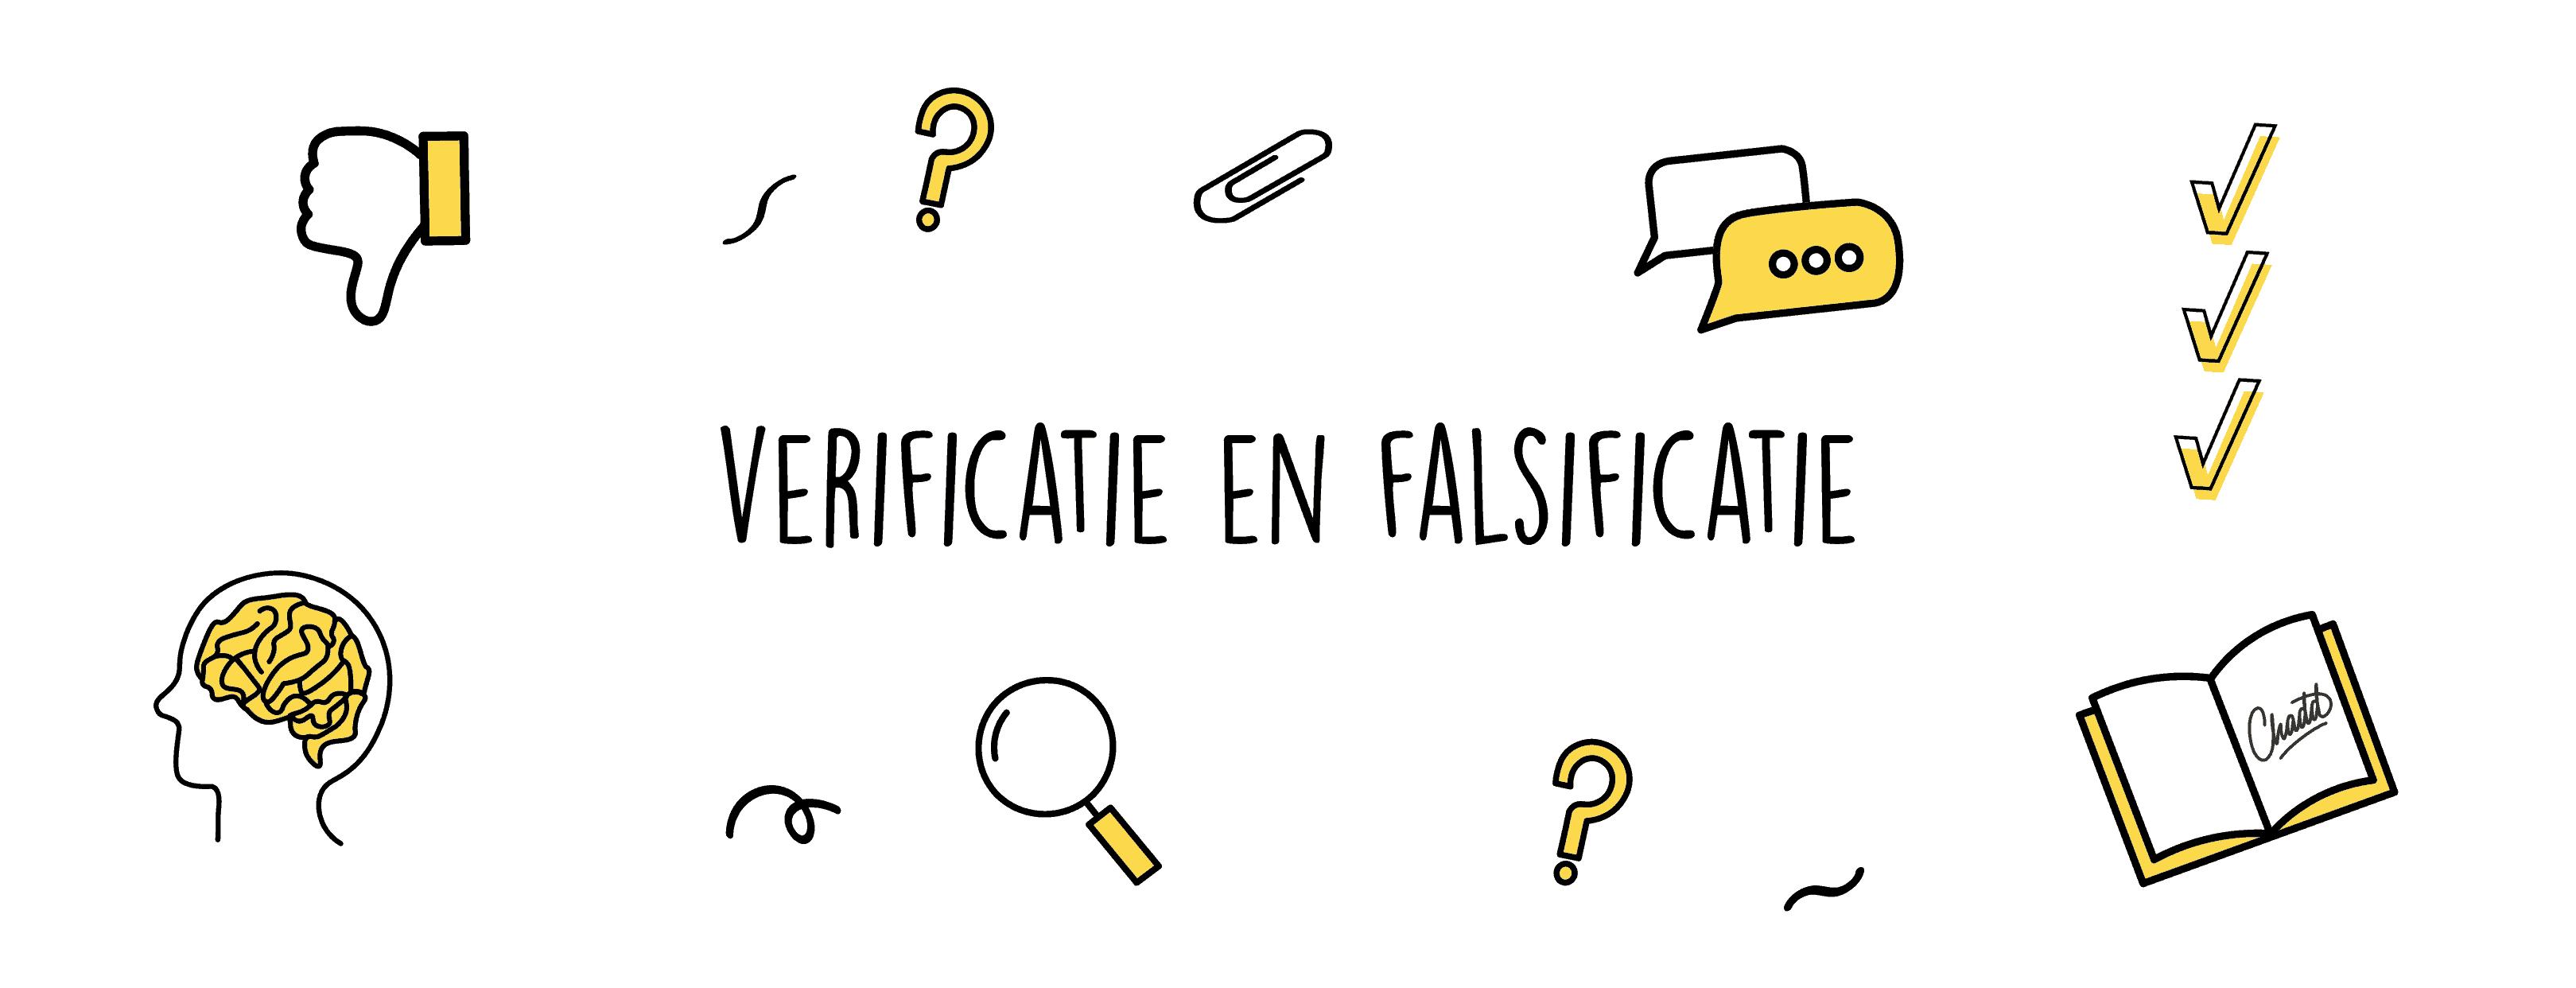 verificatie en falsificatie-